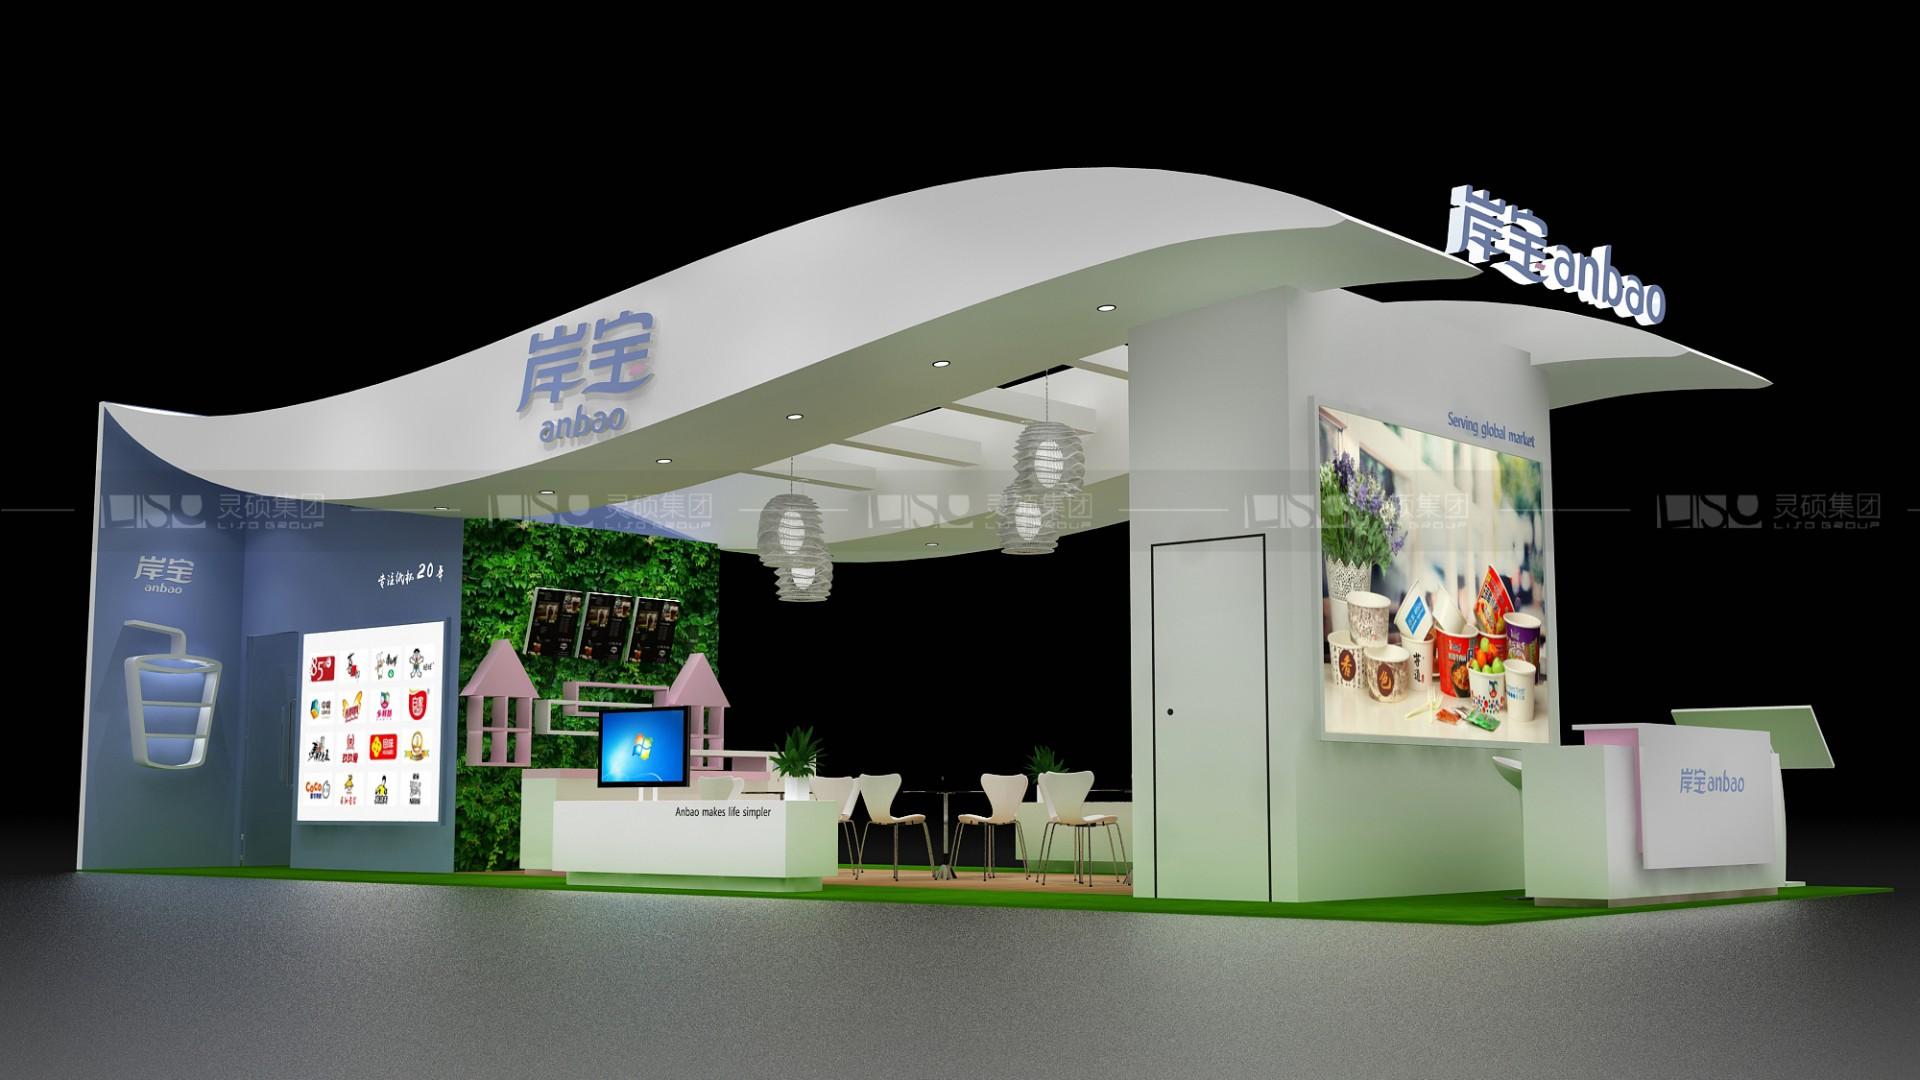 岸宝-酒店用品展台设计案例